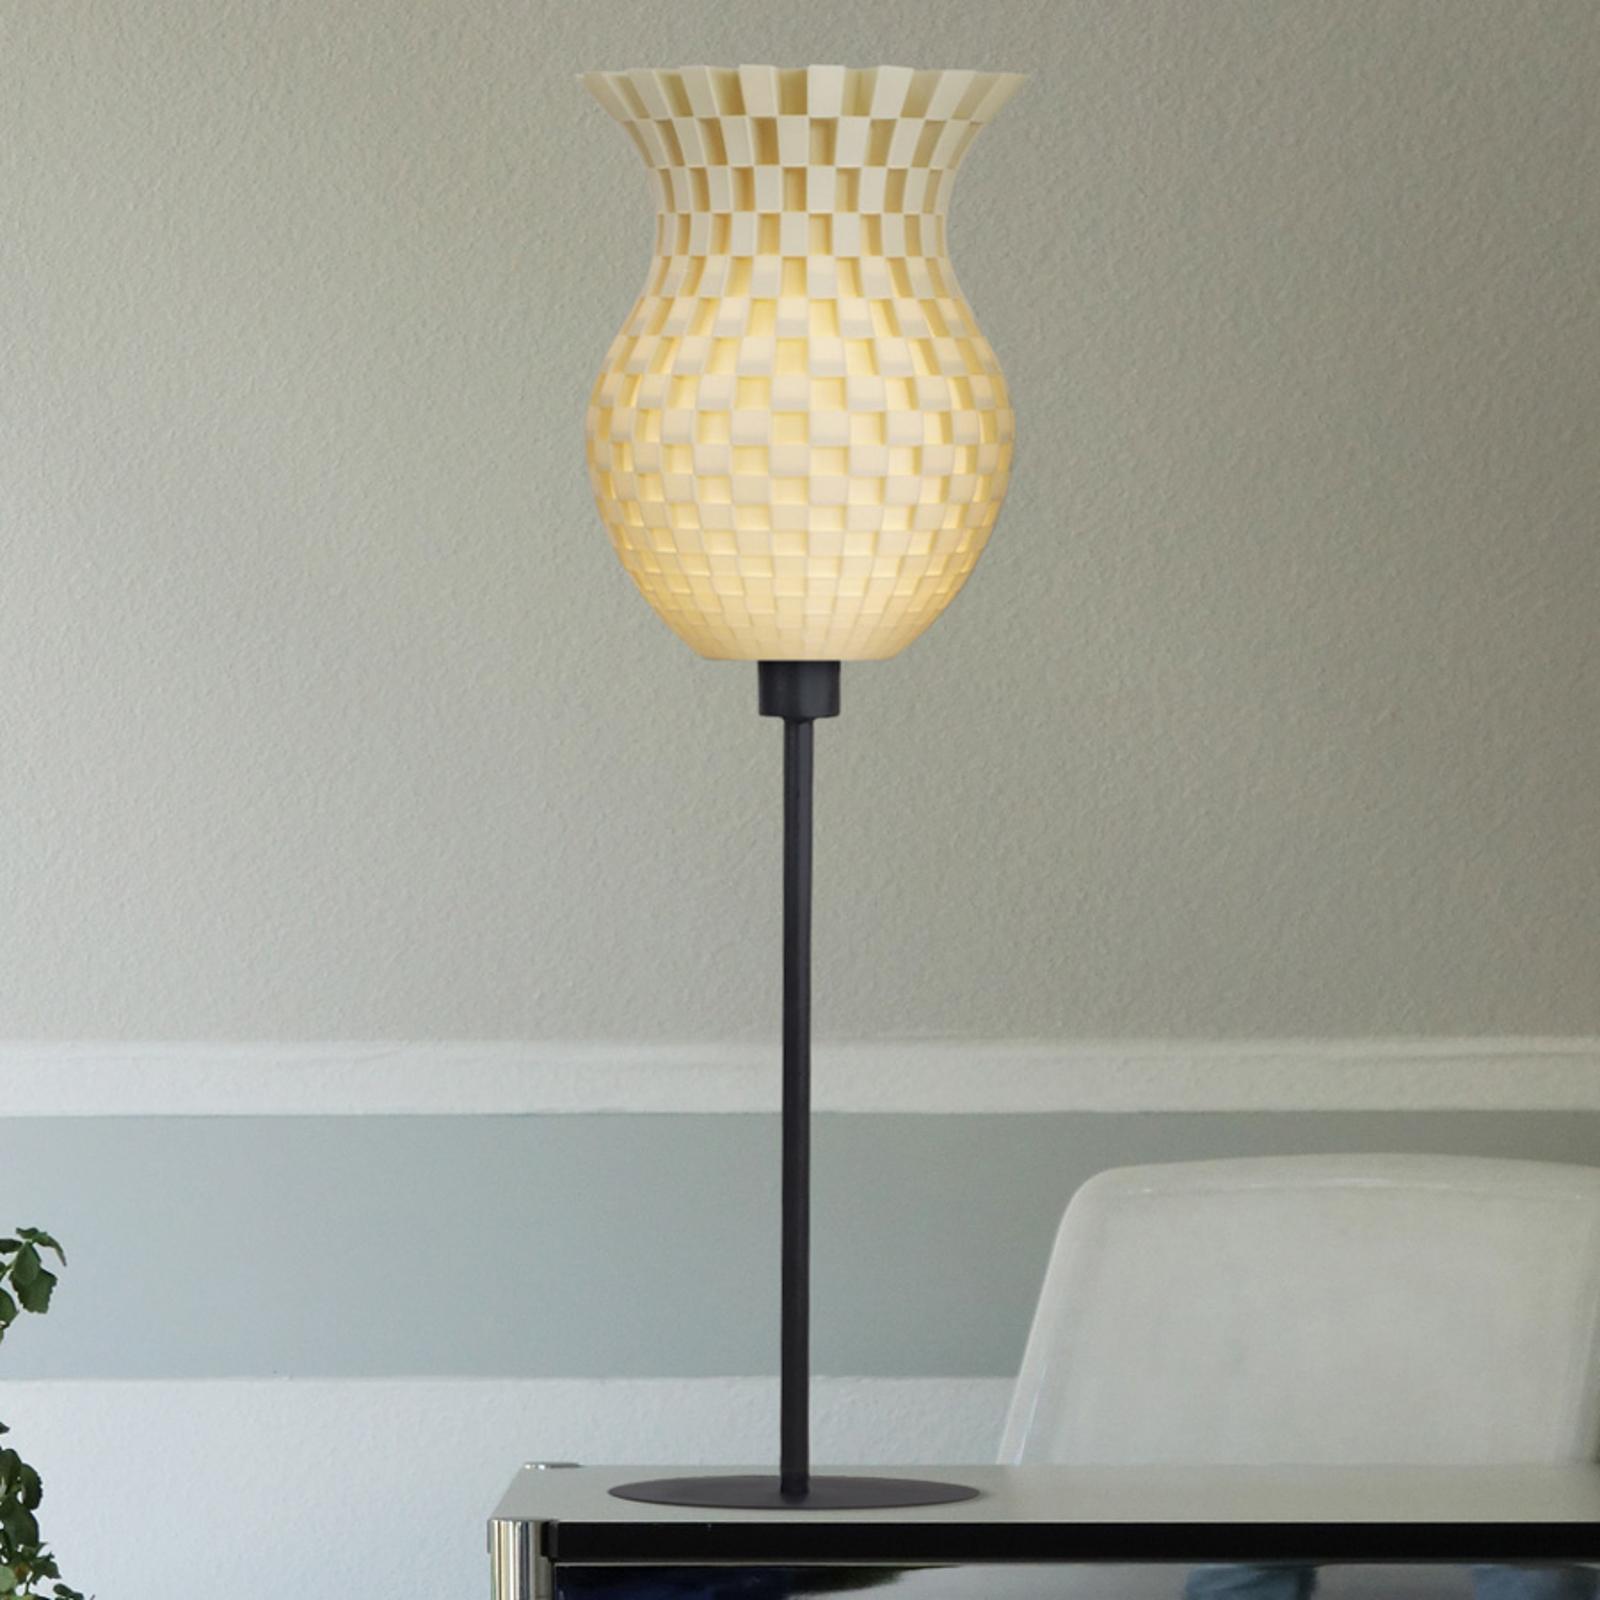 Lampe à poser Tressage, impression 3D, crème-blanc